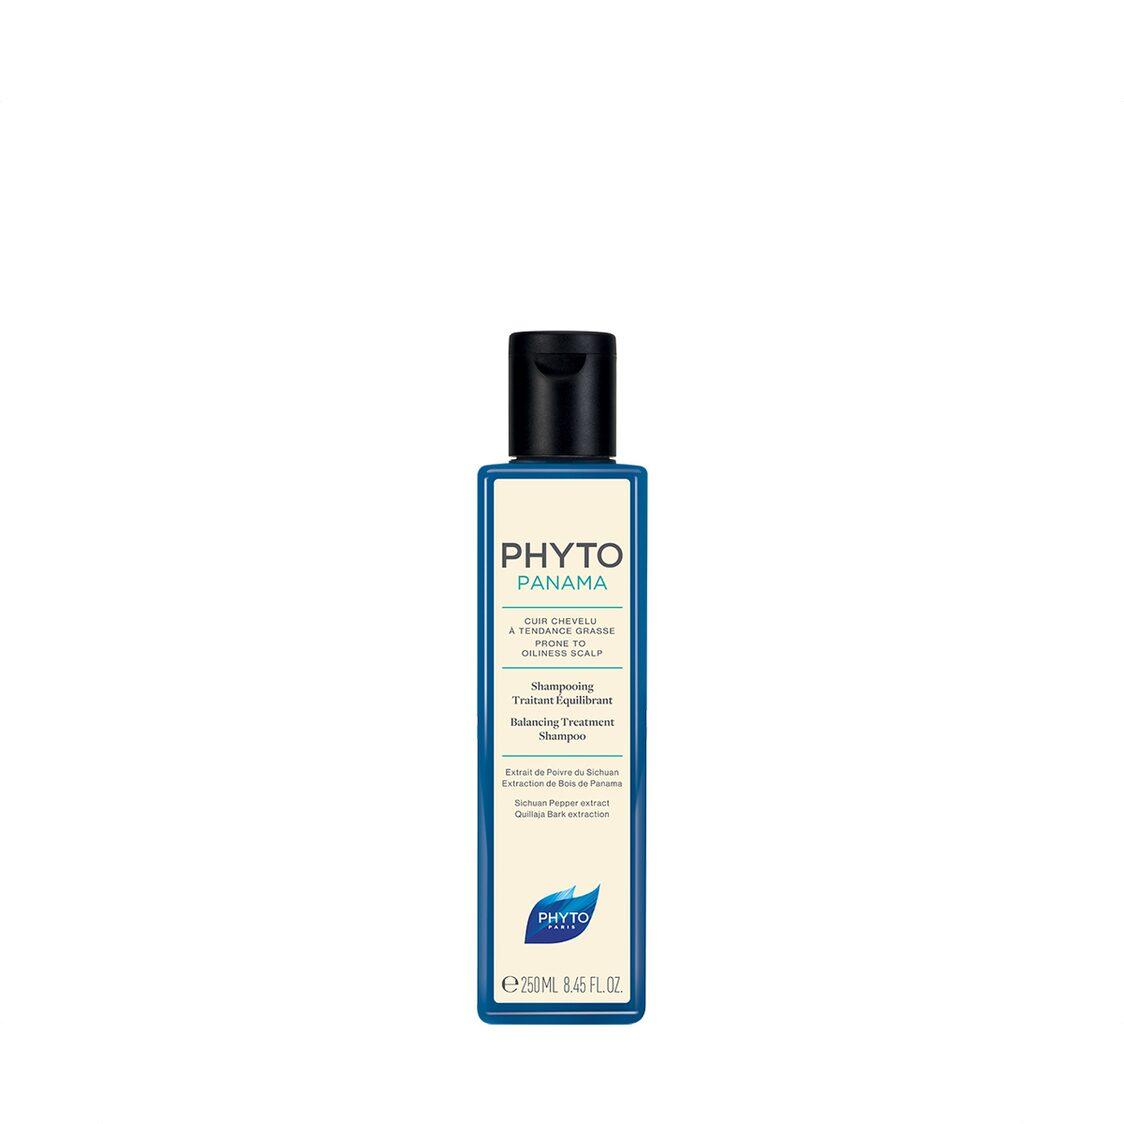 Phytopanama Shampoo 250ml Bottle